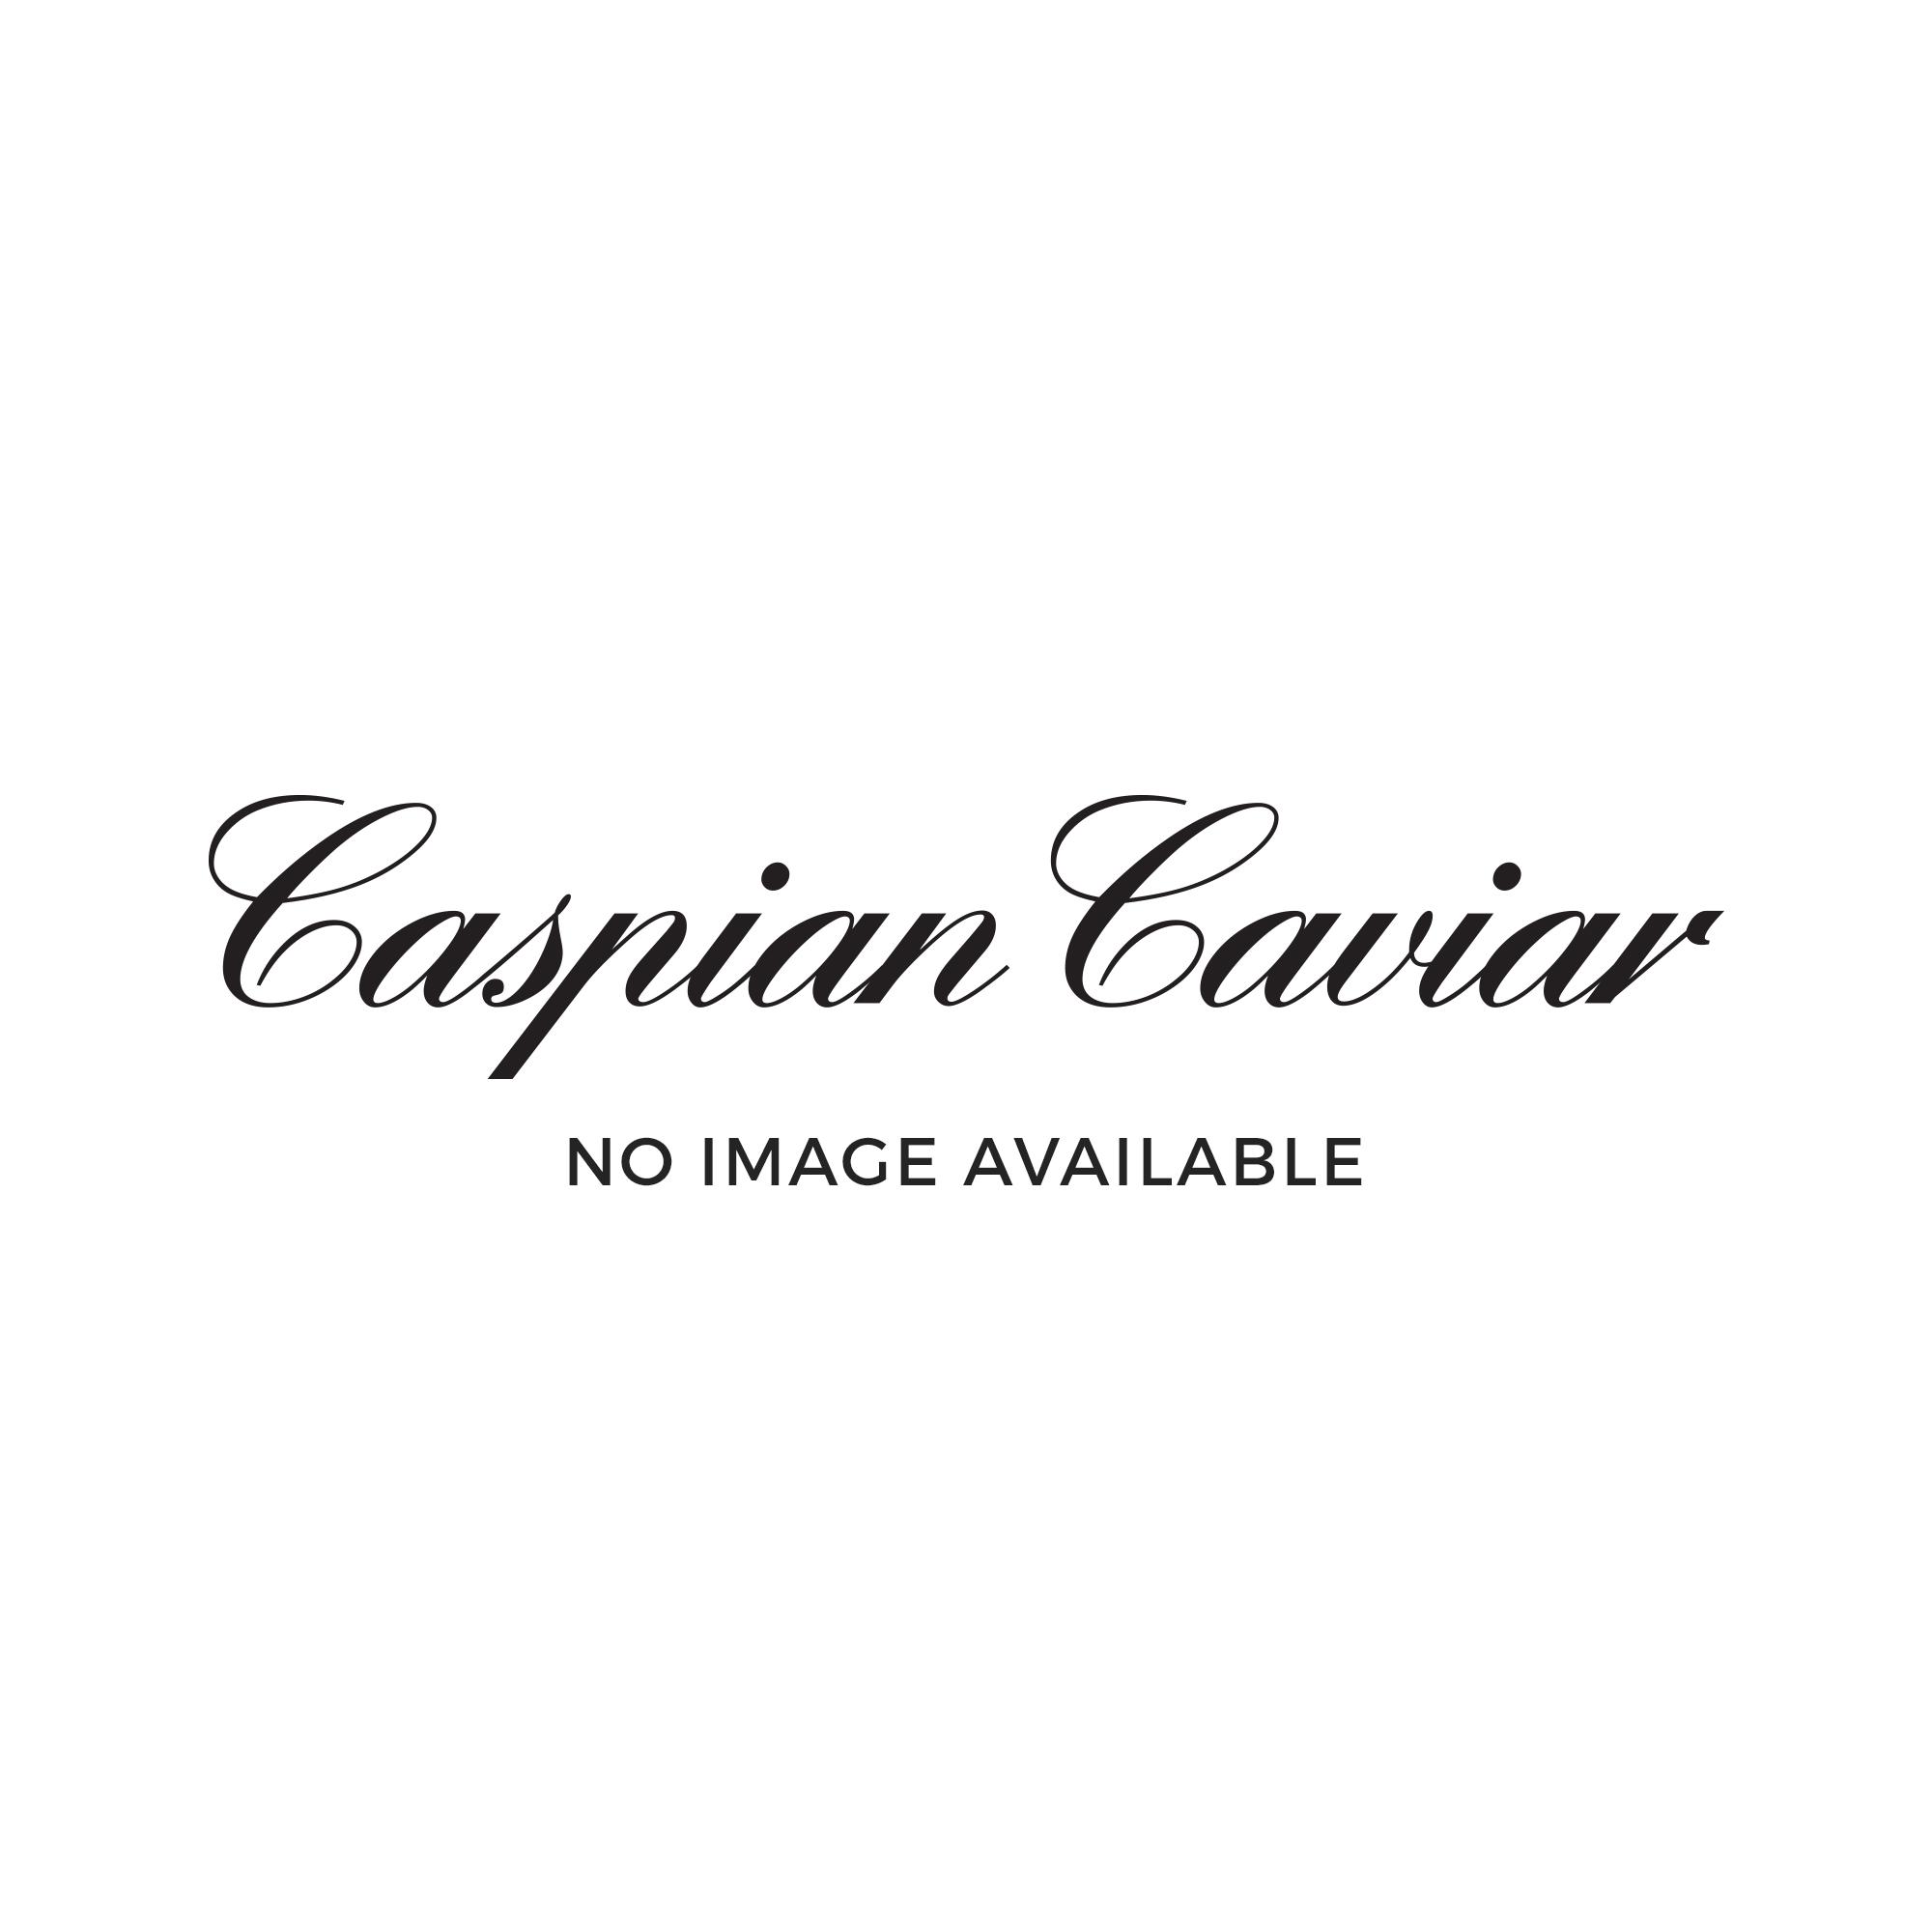 Caspian Caviar Special Reserve Beluga (Huso Huso) Caviar 125g